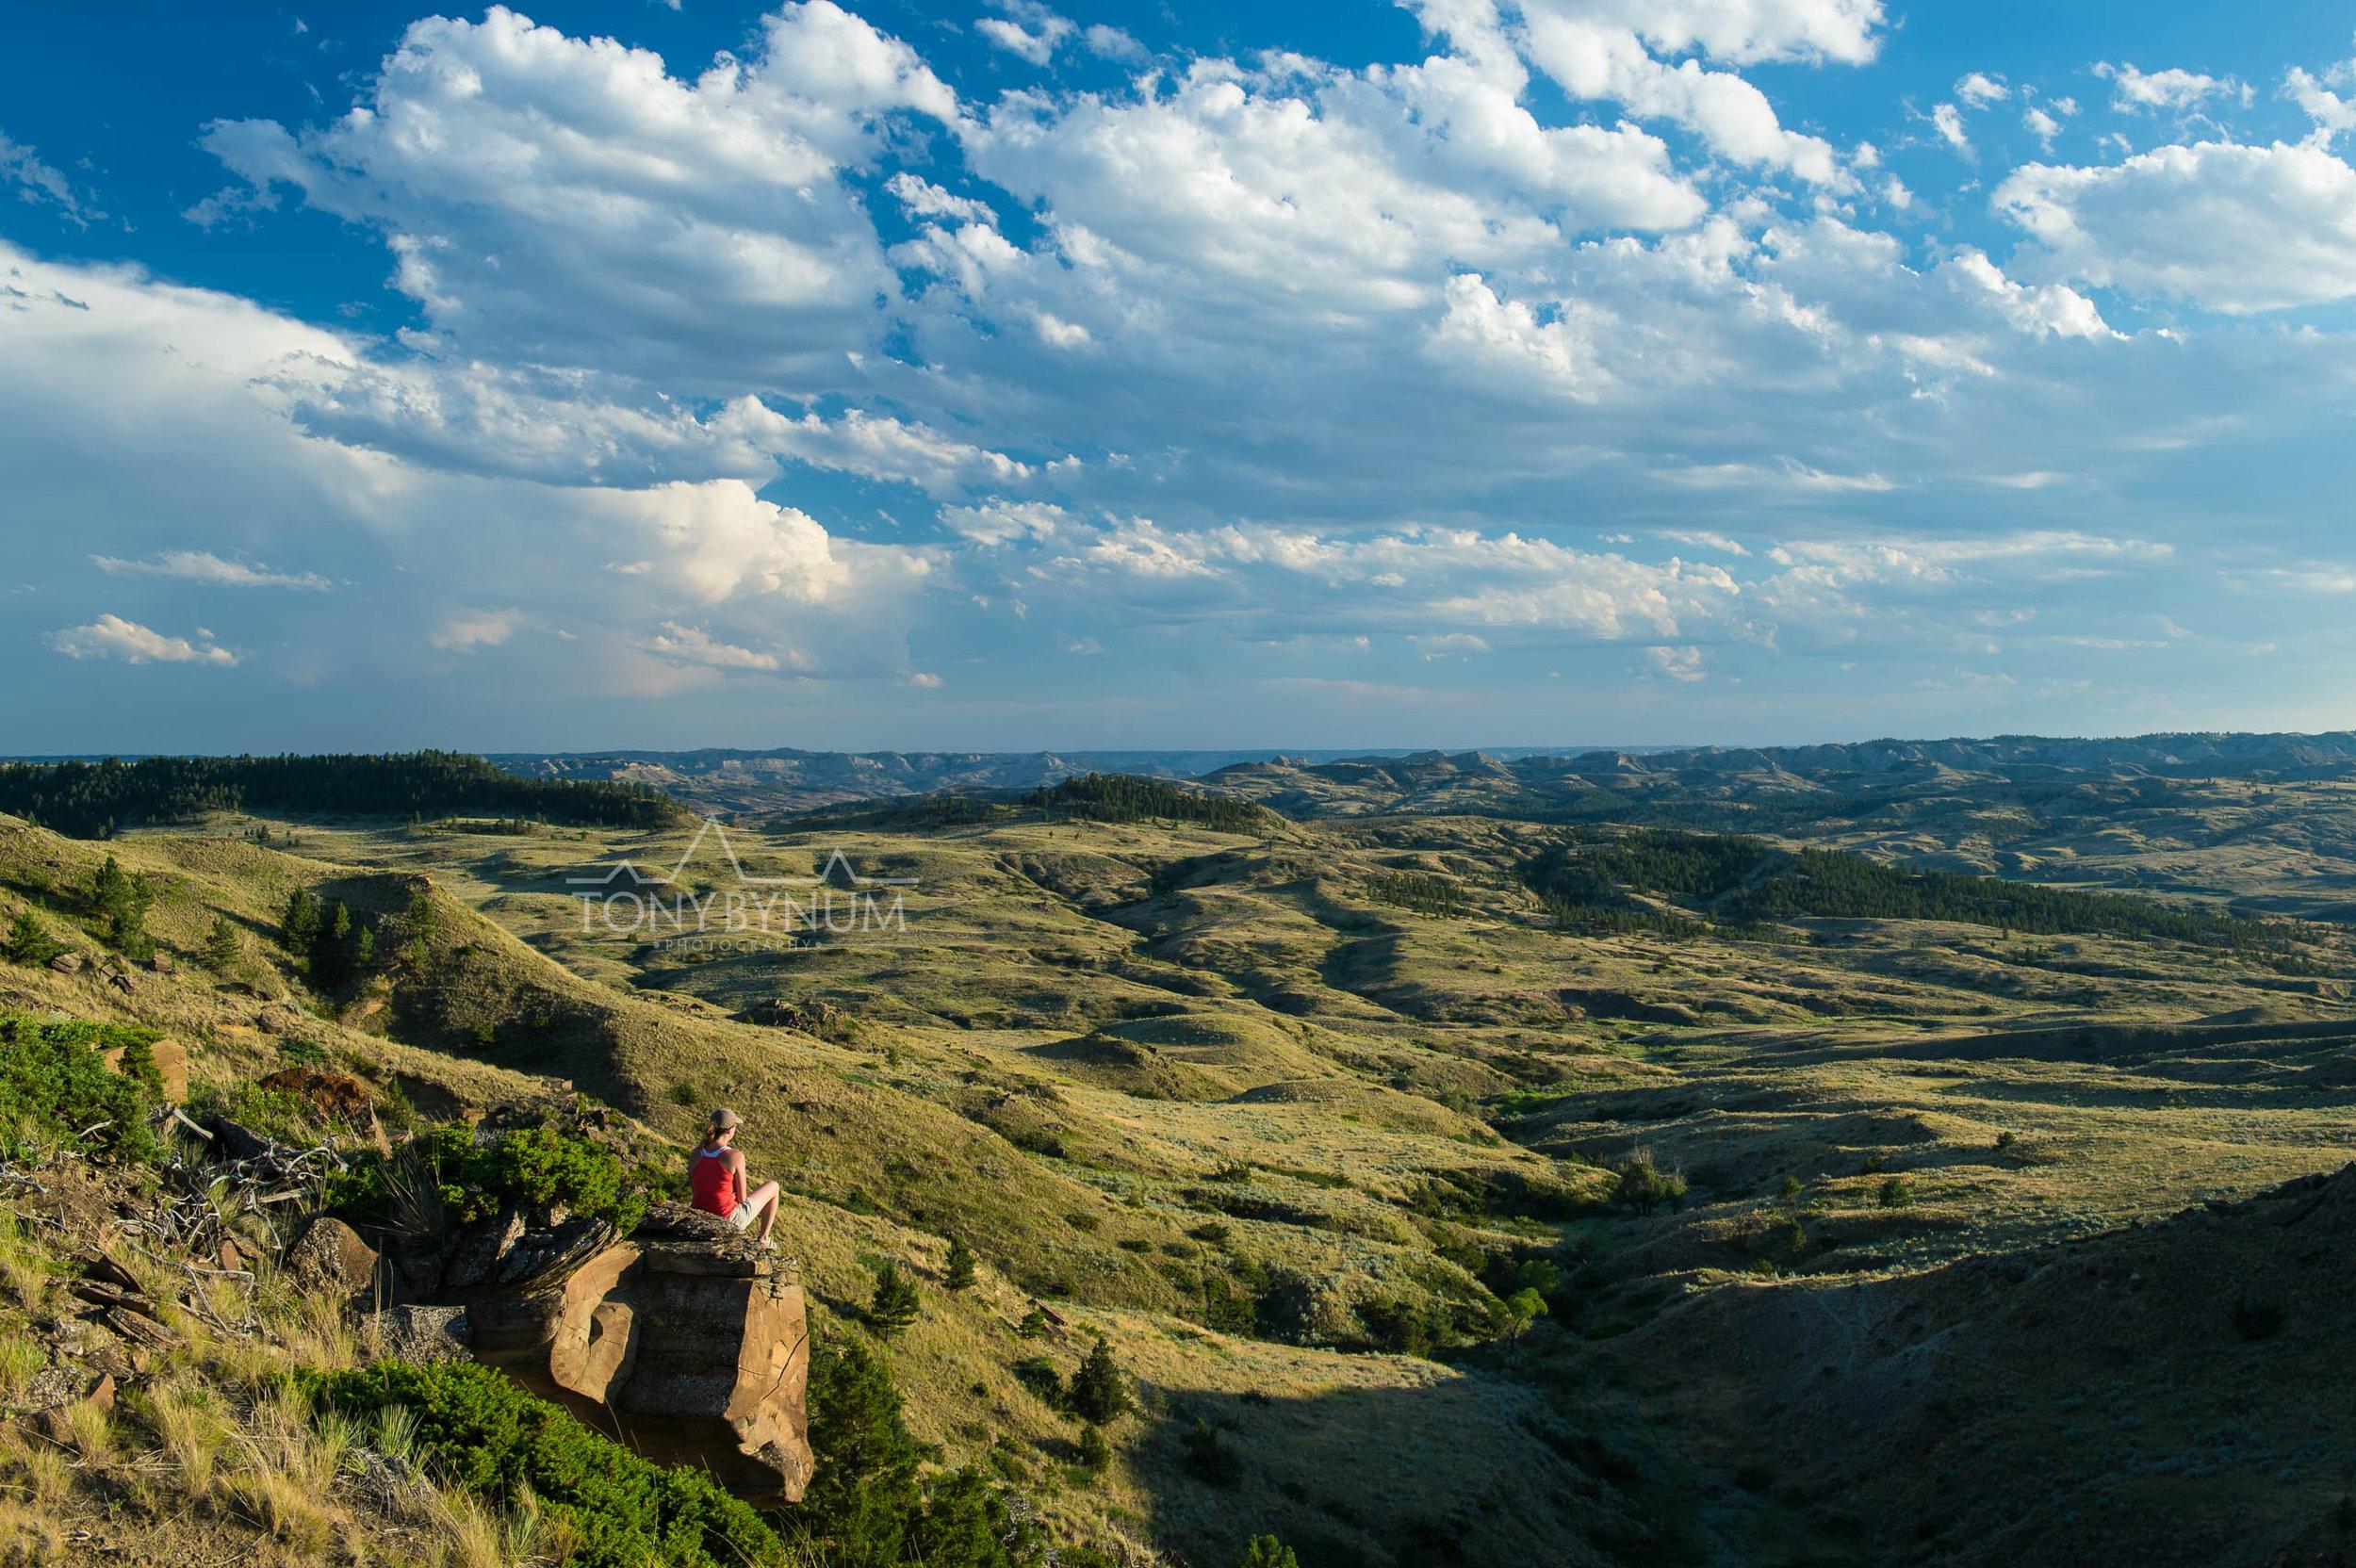 Woman on Montana Wild Prairie